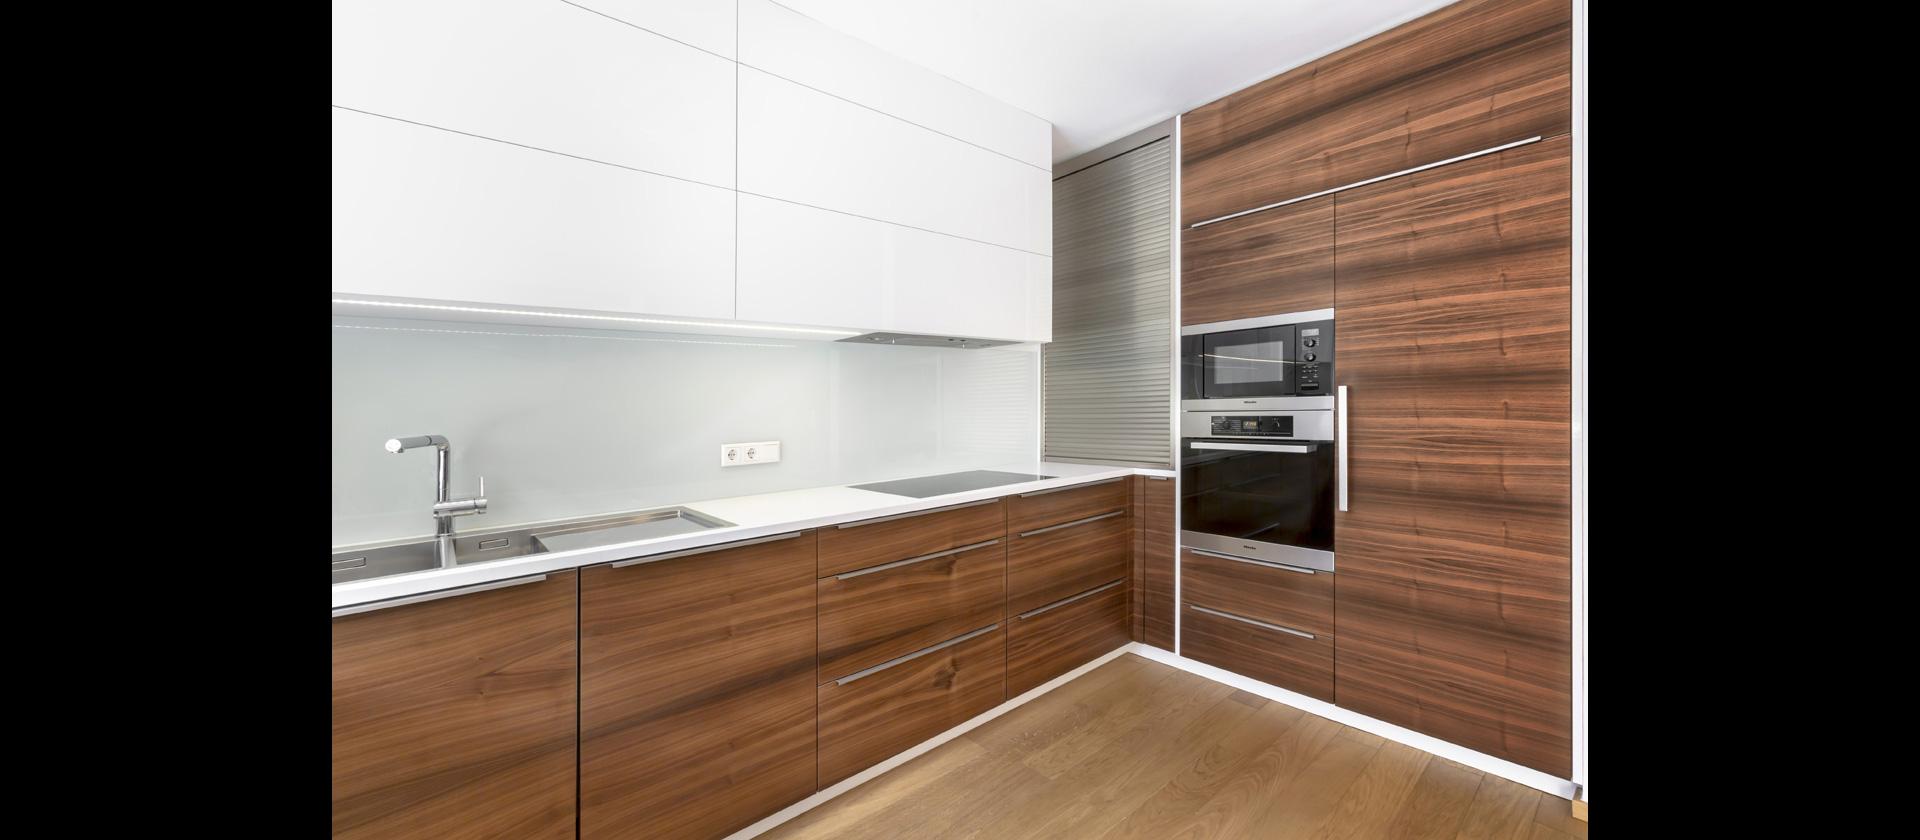 Full Size of Reiniger Für Hochglanz Küche Microfaser Für Hochglanz Küche Hochglanz Küche Gebraucht Hochglanz Küche Polieren Küche Hochglanz Küche